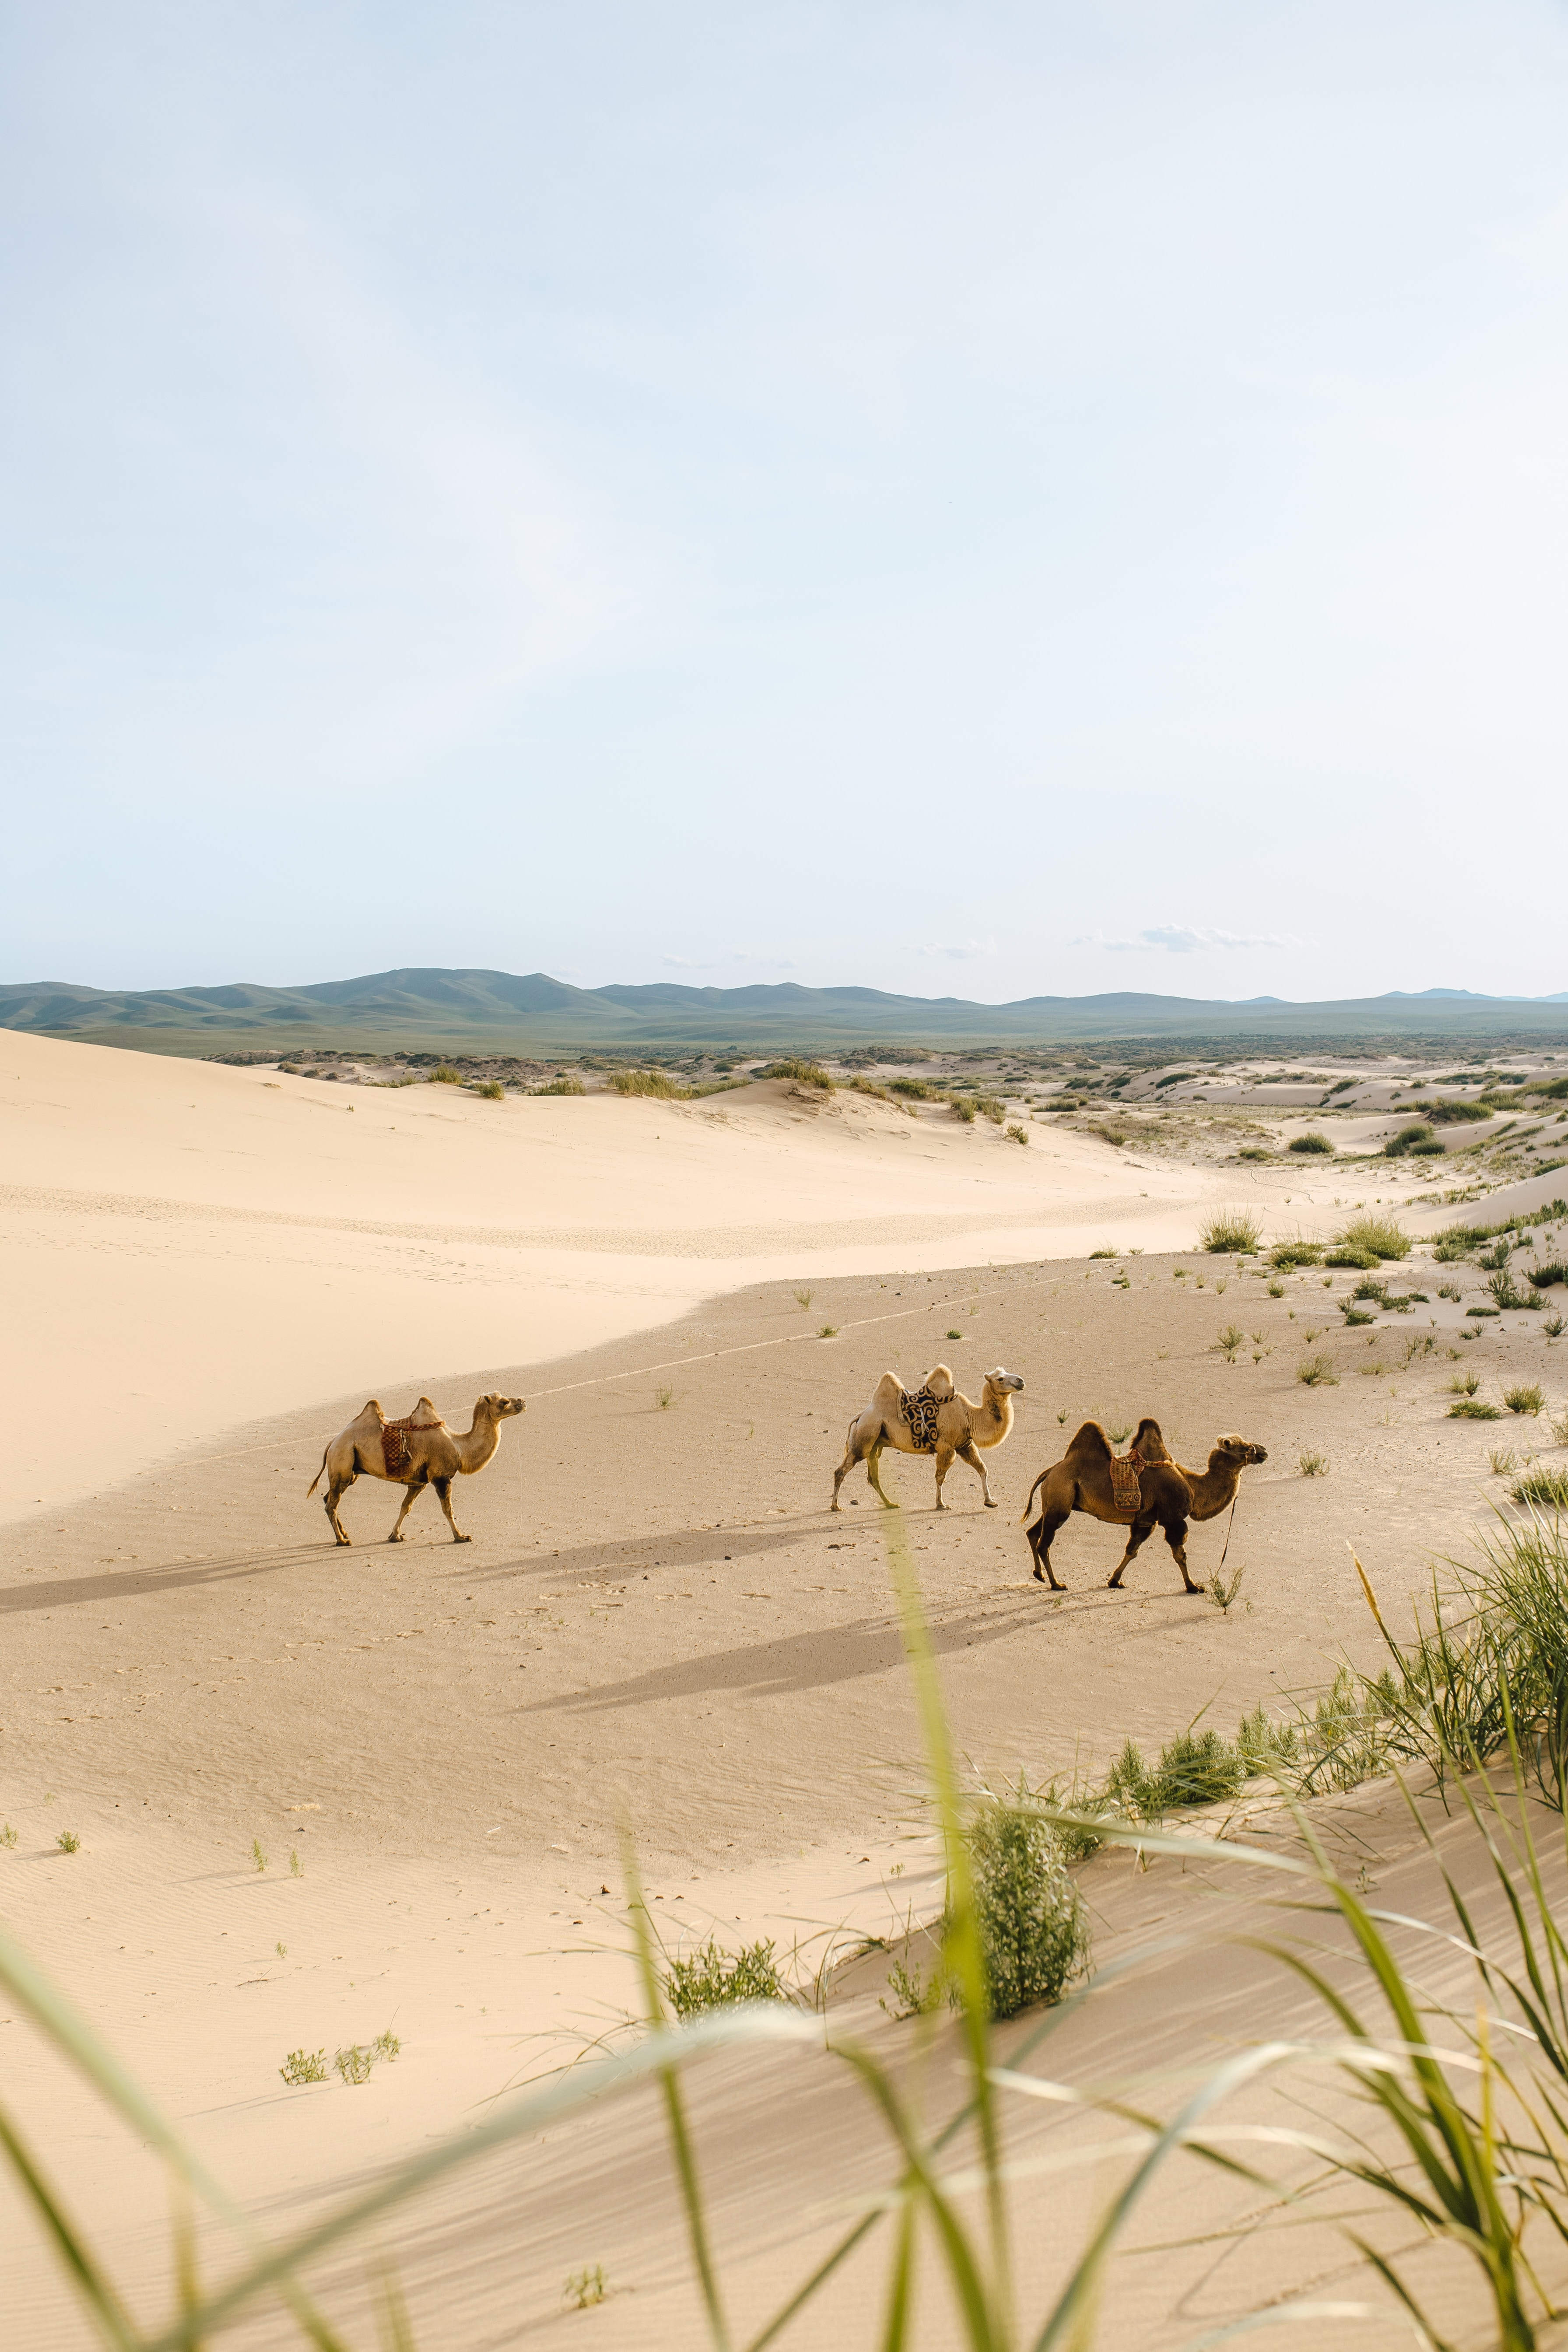 73671 Заставки и Обои Песок на телефон. Скачать Песок, Пустыня, Животные, Верблюды, Оазис картинки бесплатно